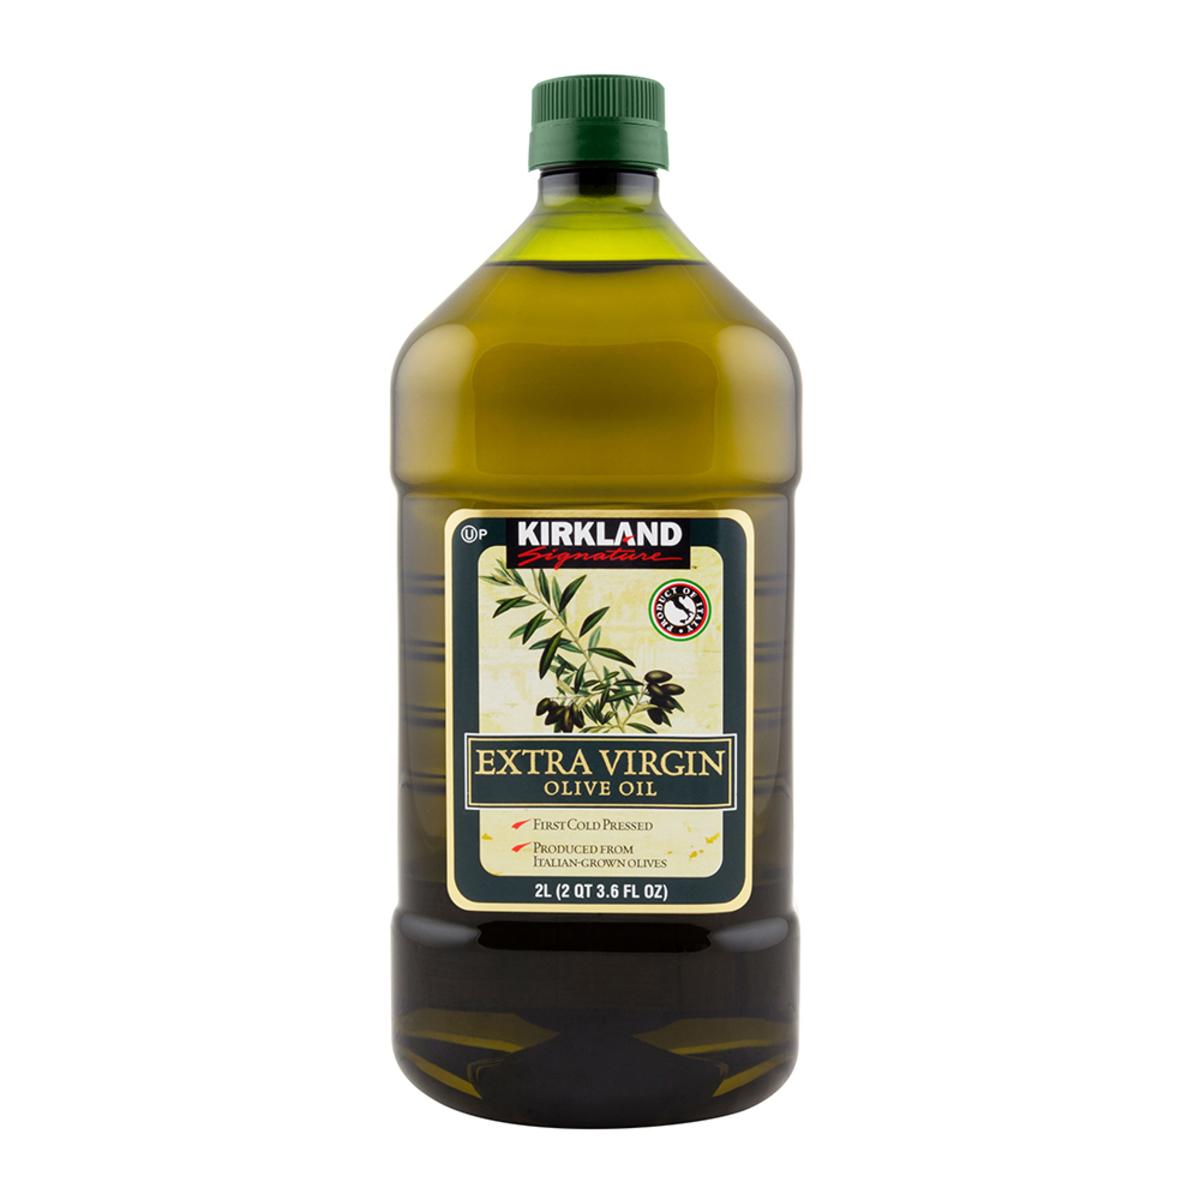 Kirkland Signature 科克蘭 冷壓初榨橄欖油 2公升